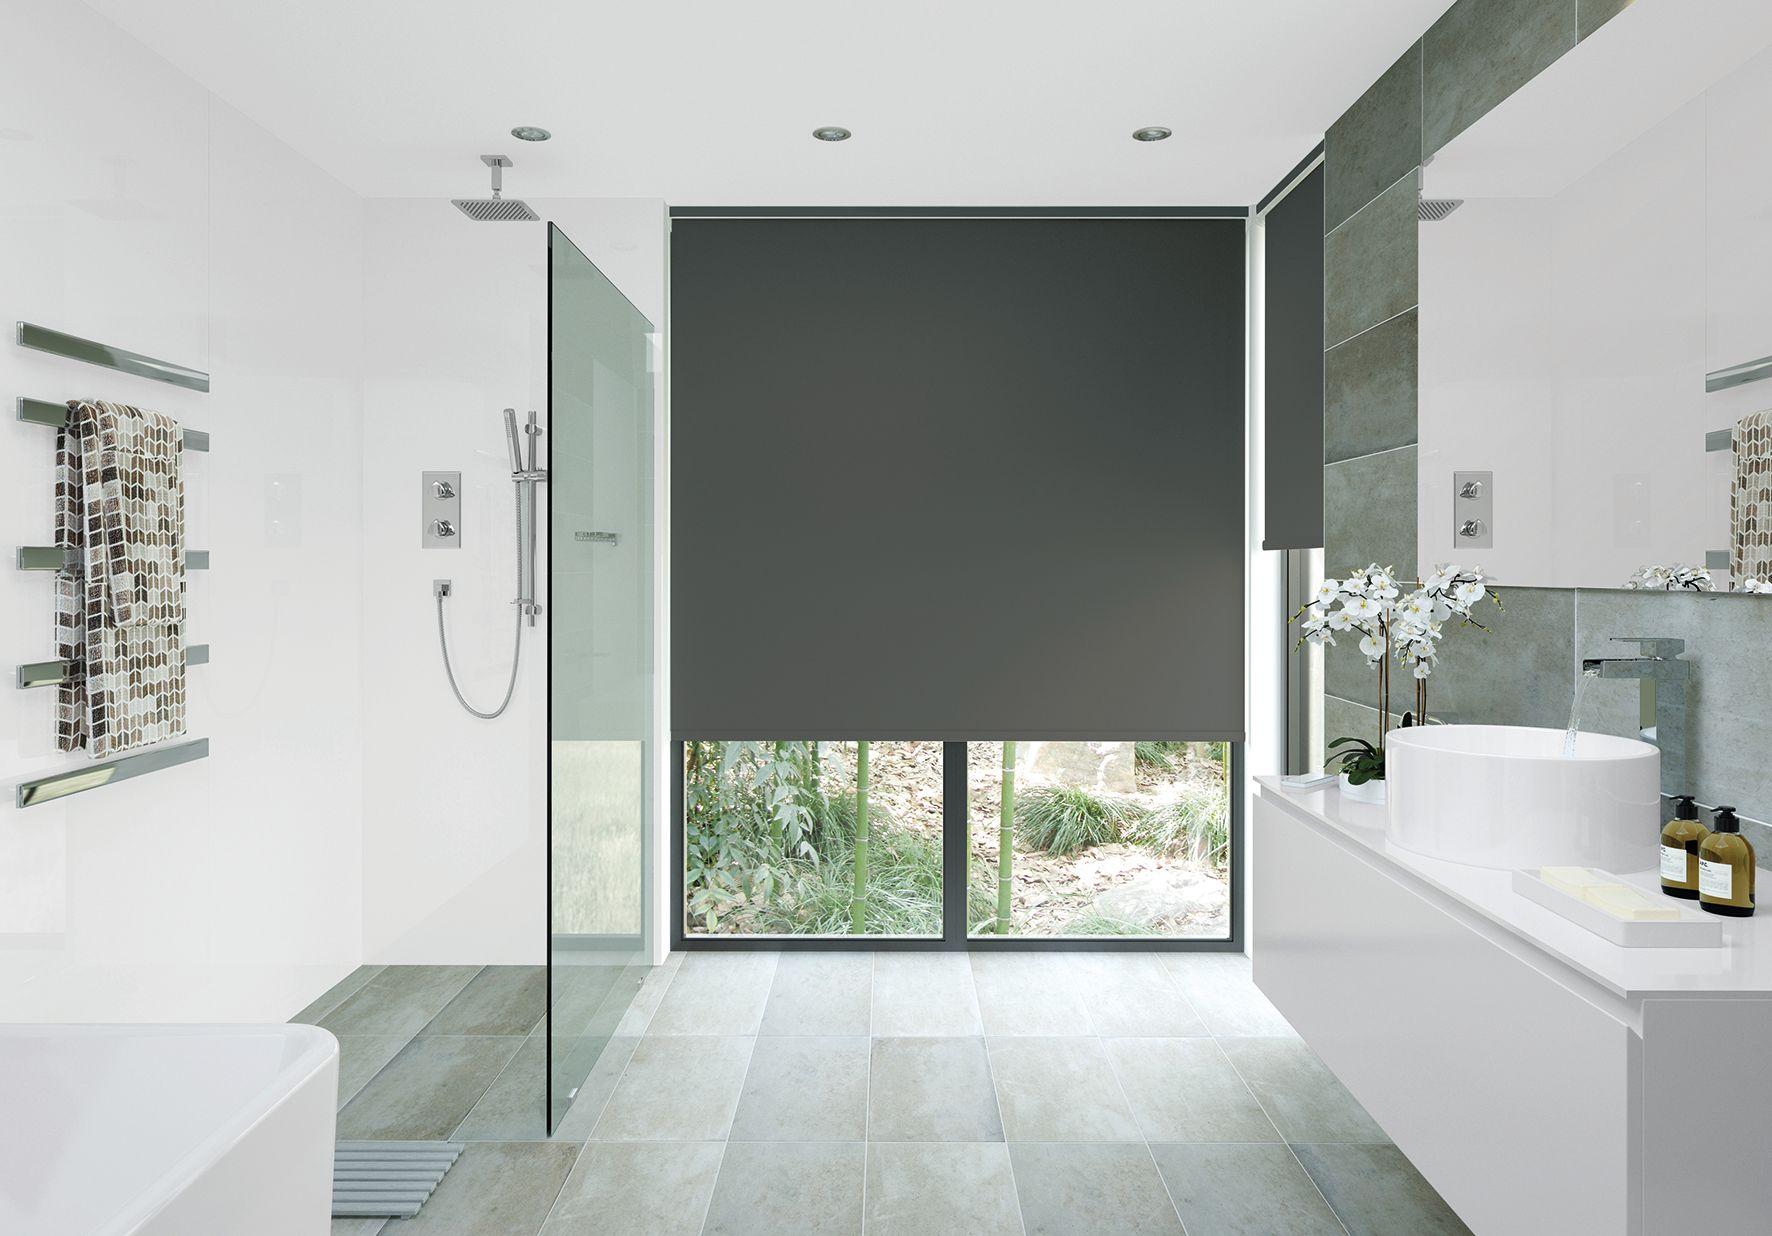 Dark roller blinds to match a dark window frame